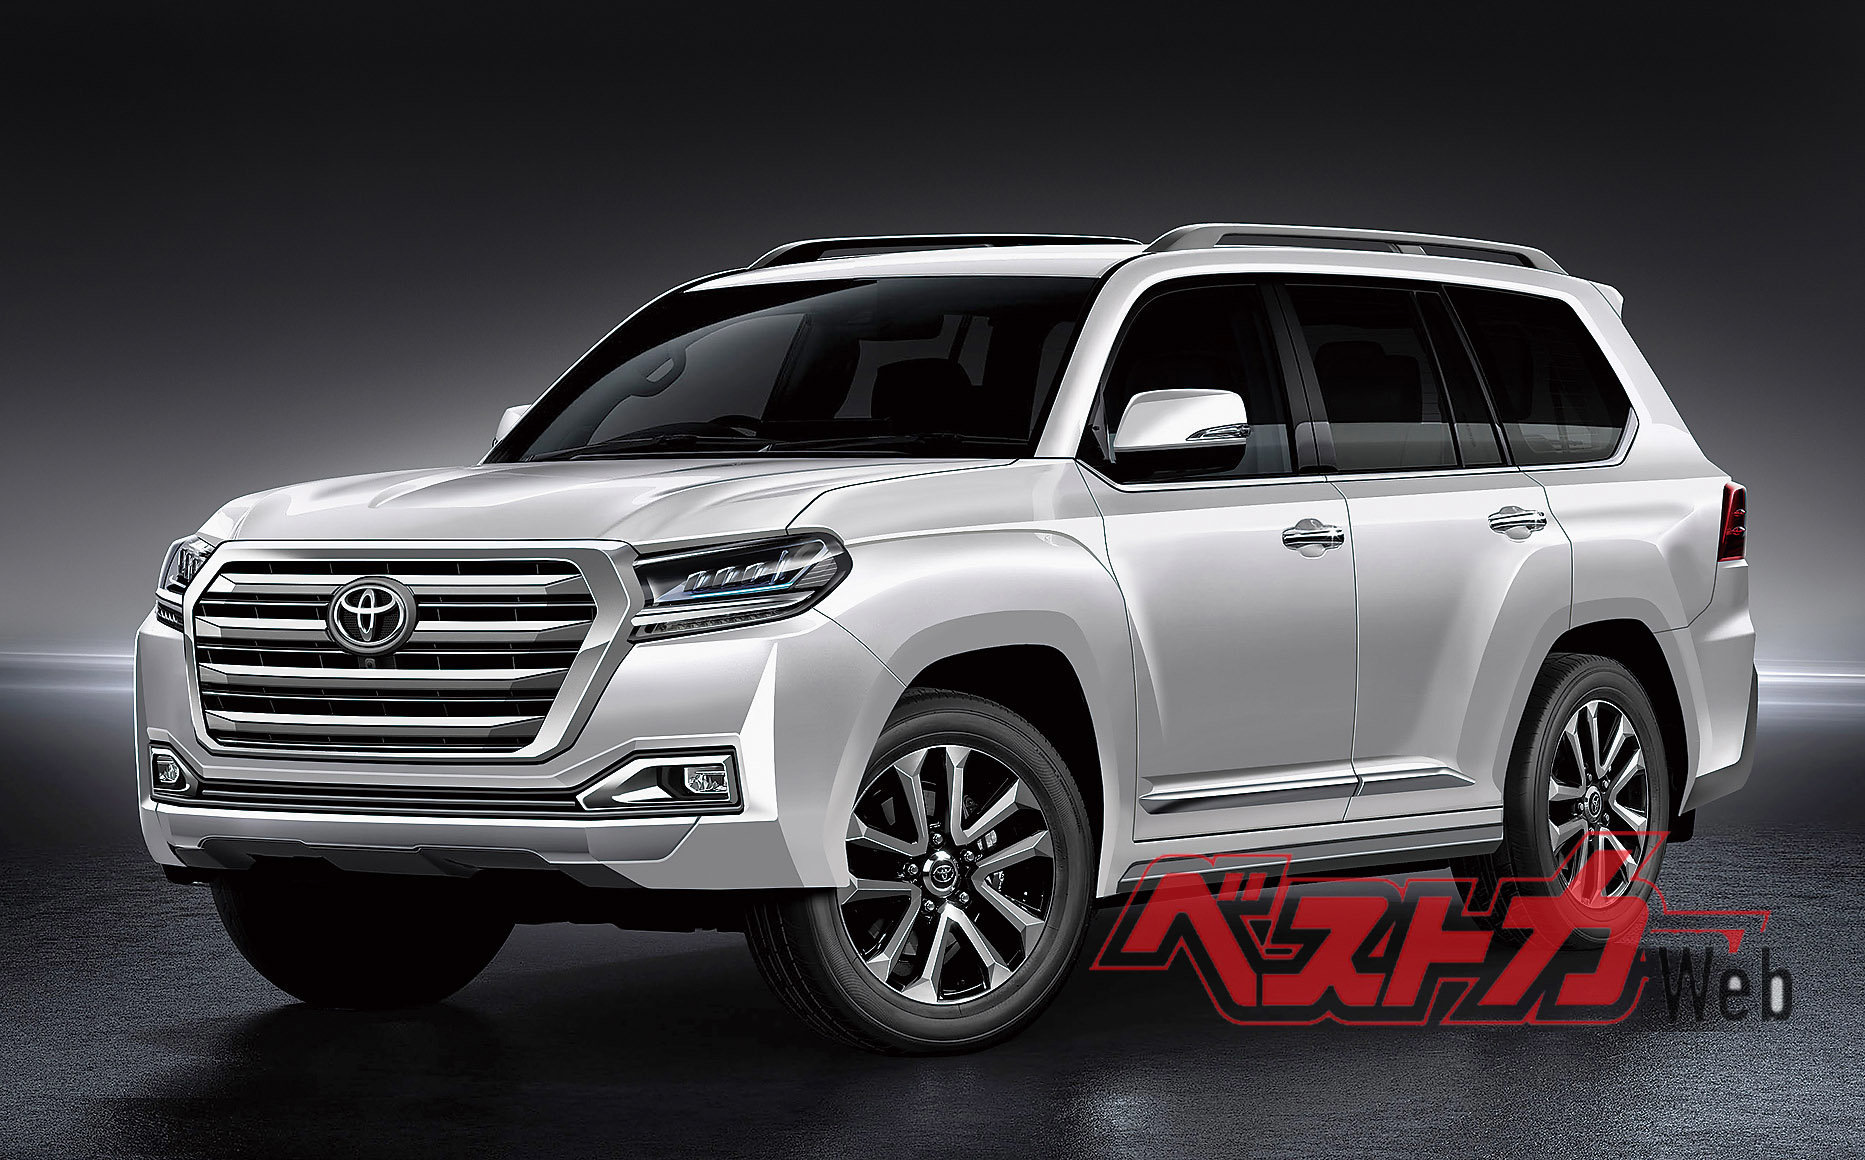 Выход Toyota Land Cruiser 2020 уже не за горами: стали известны технические характеристики нового внедорожника